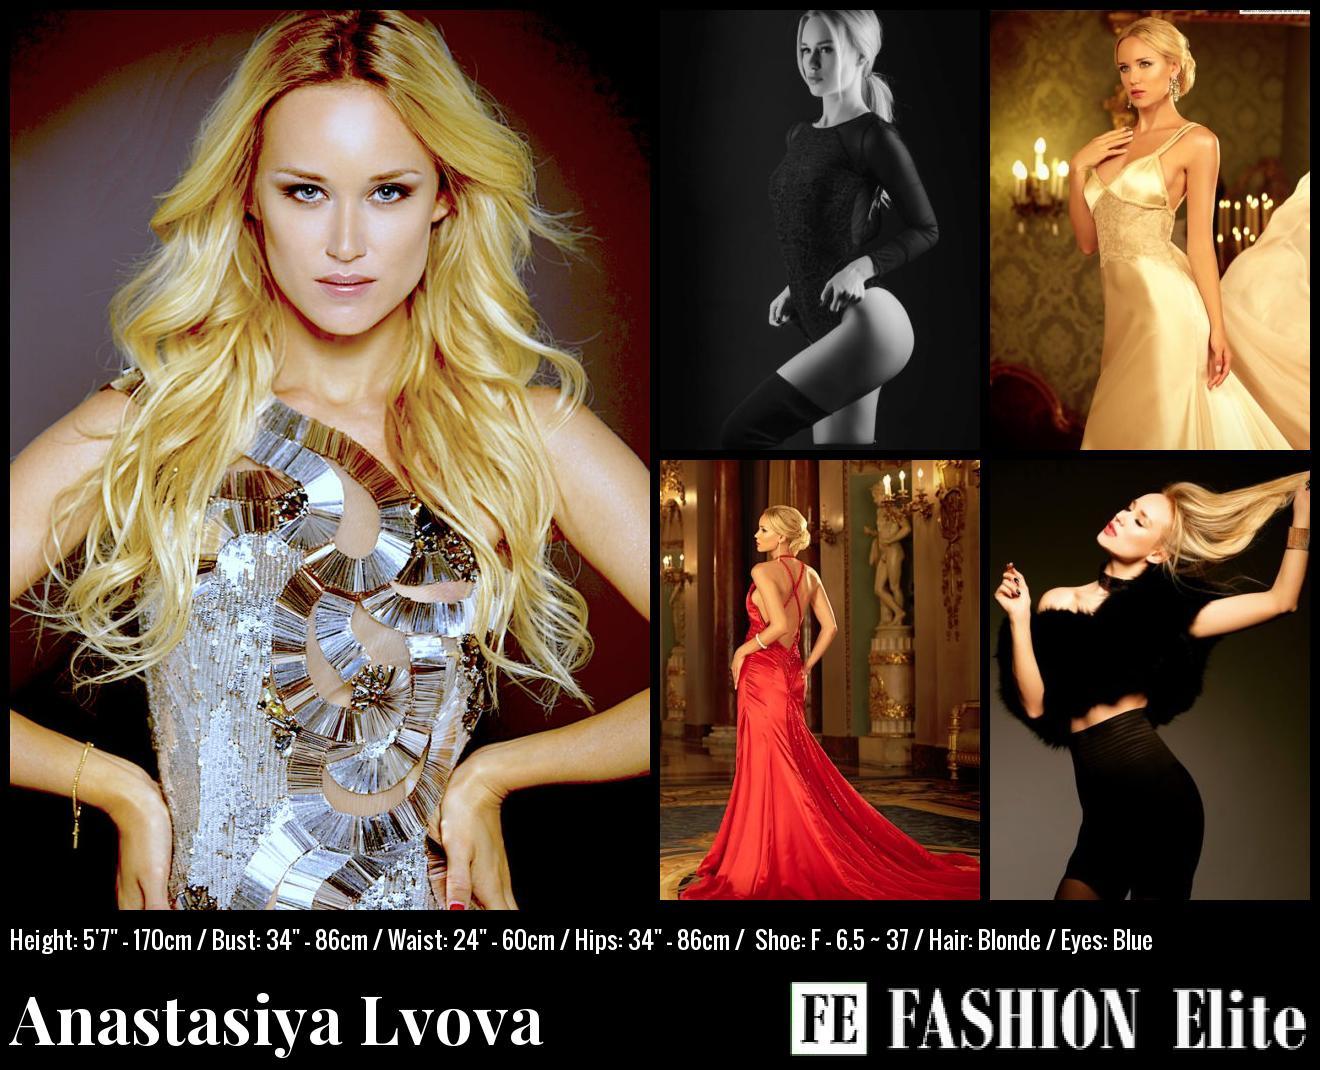 Anastasiya Lvova Comp Card